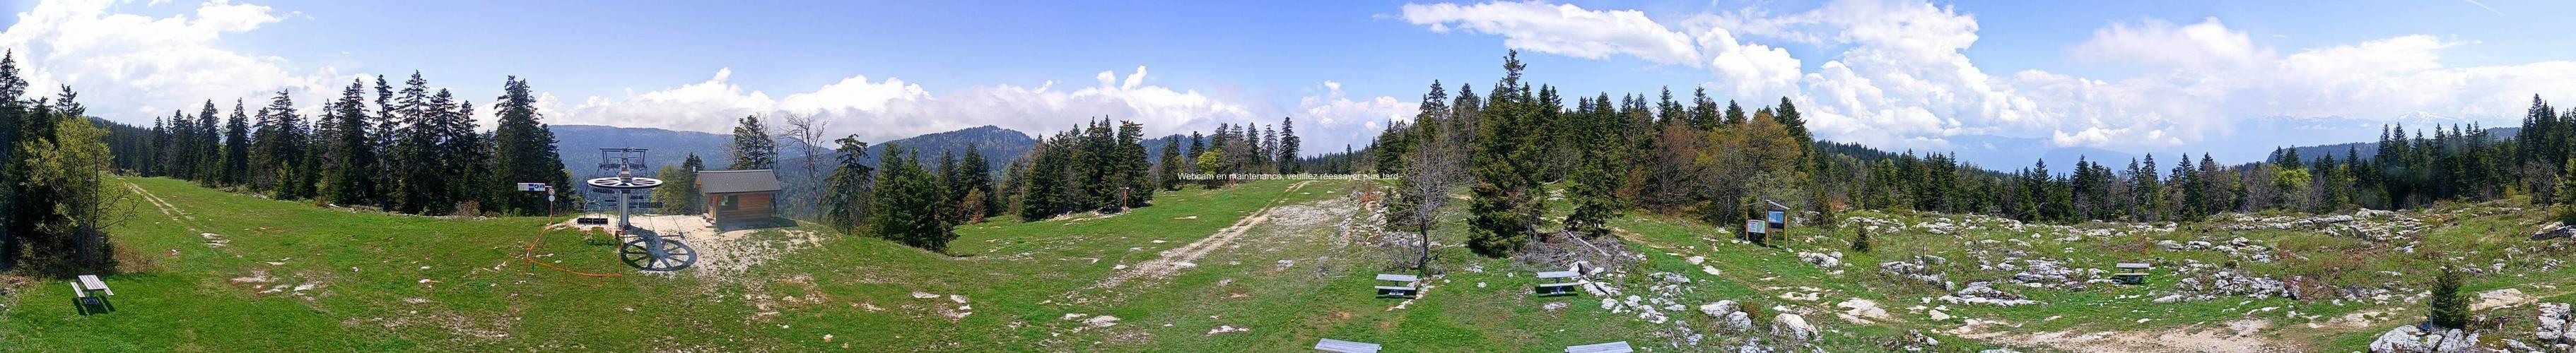 Webcam de Sommet domaine alpin Autrans Alt.1610m